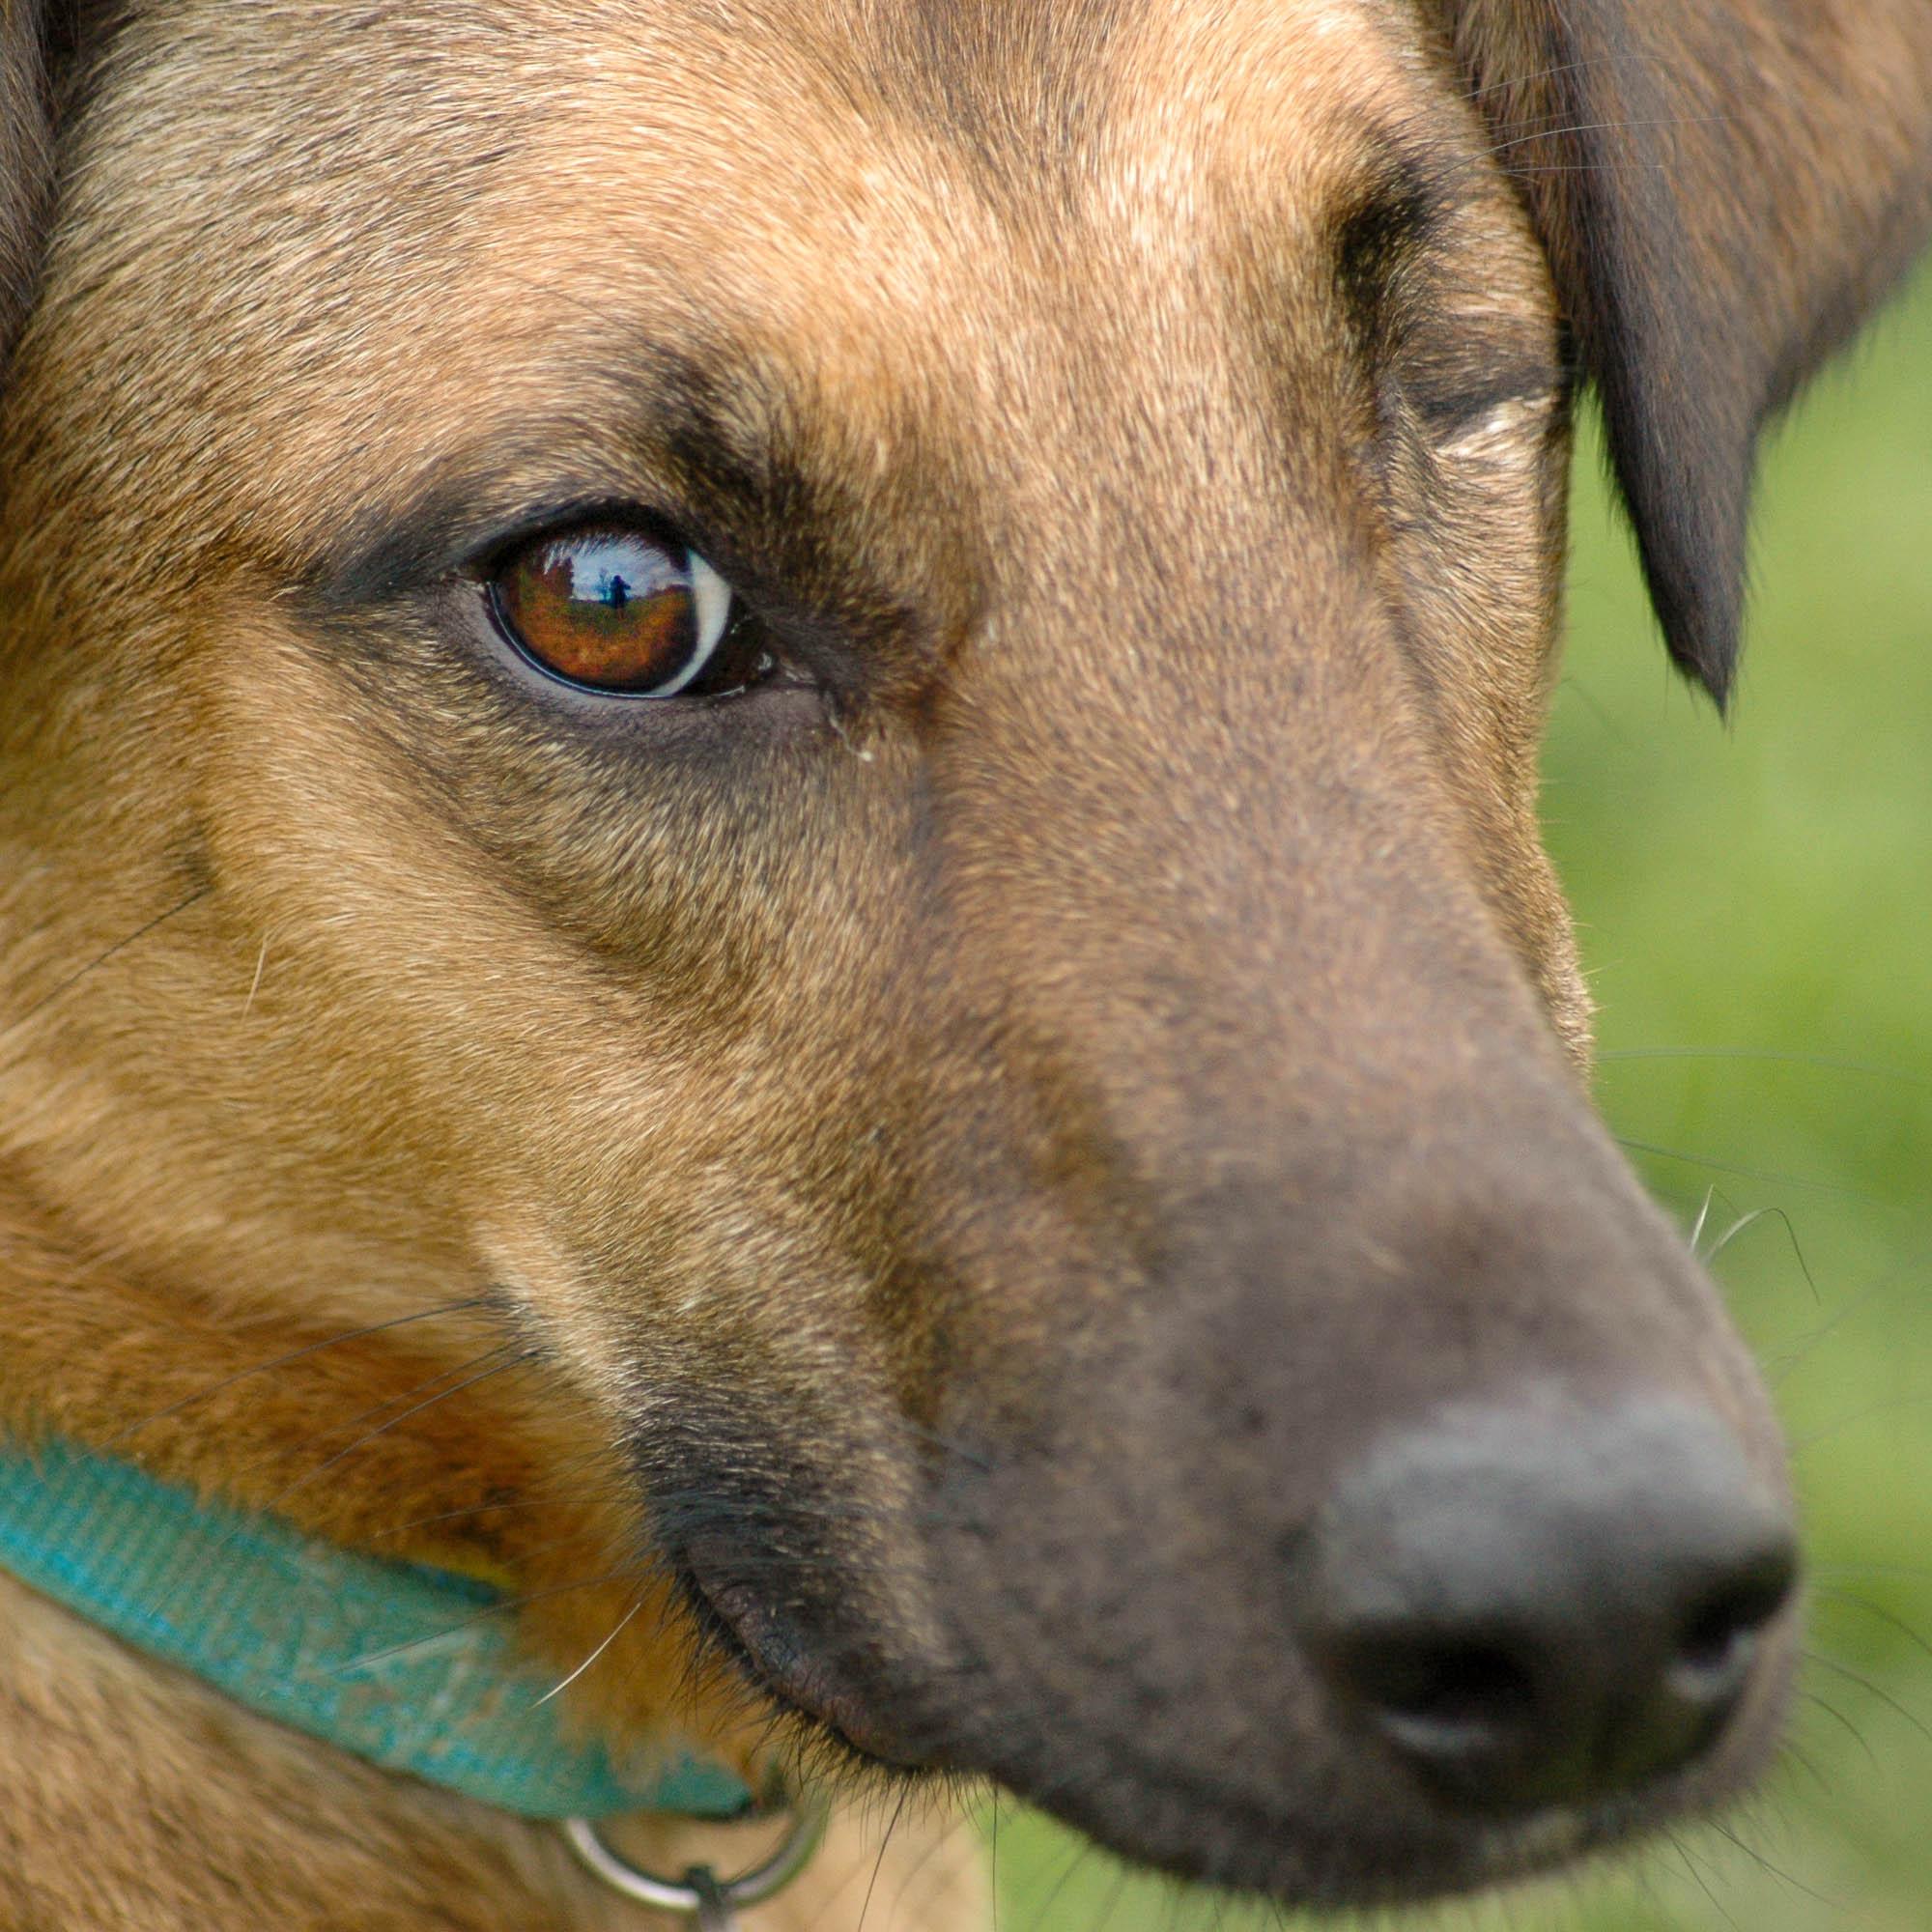 Einäugiger Hund schaut unsicher